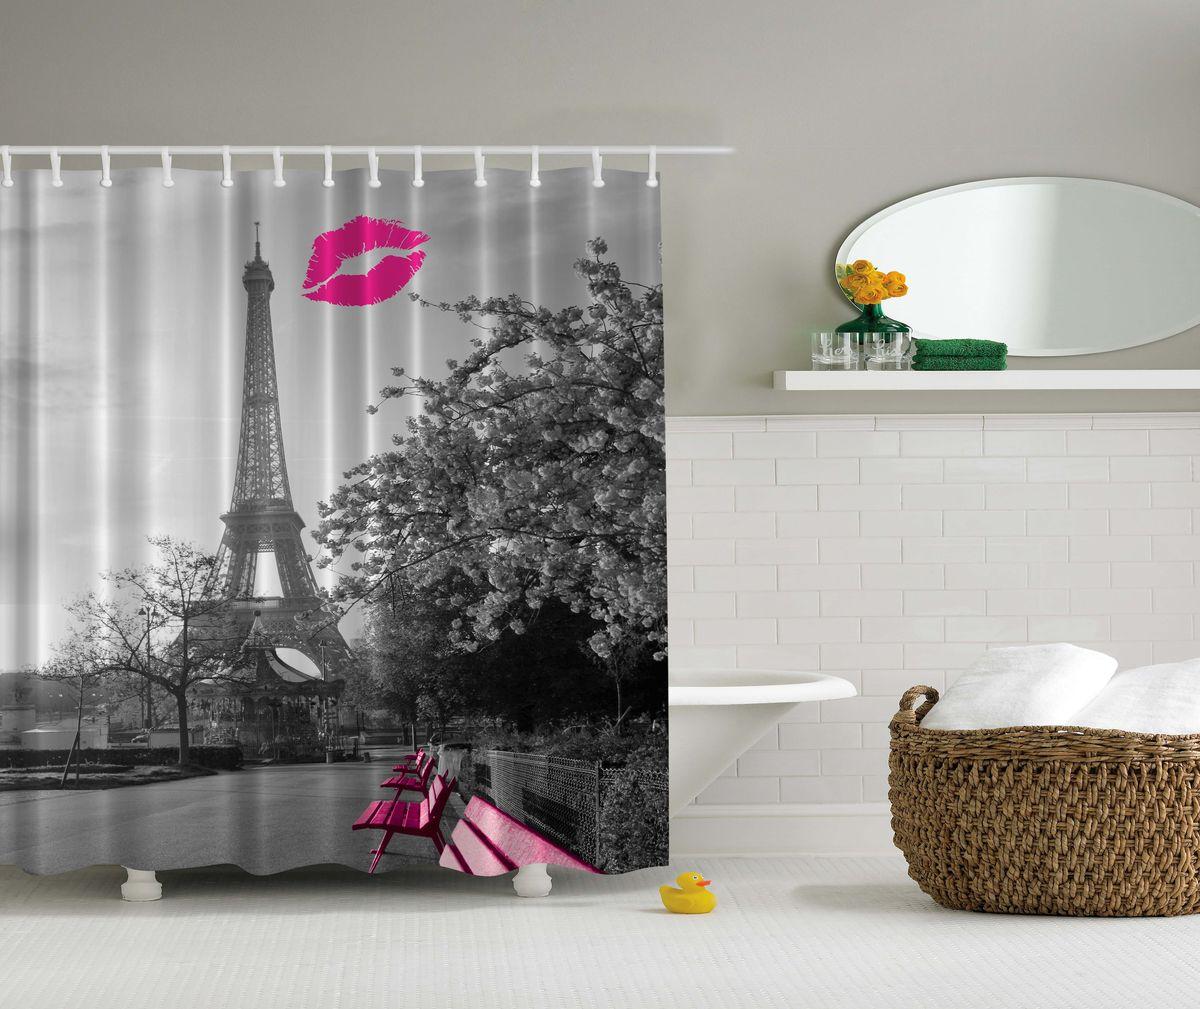 Штора для ванной комнаты Magic Lady Поцелуй в Париже, 180 х 200 смRG-D31SШтора Magic Lady Поцелуй в Париже, изготовленная из высококачественного сатена (полиэстер 100%), отлично дополнит любой интерьер ванной комнаты. При изготовлении используются специальные гипоаллергенные чернила для прямой печати по ткани, безопасные для человека.В комплекте: 1 штора, 12 крючков. Обращаем ваше внимание, фактический цвет изделия может незначительно отличаться от представленного на фото.